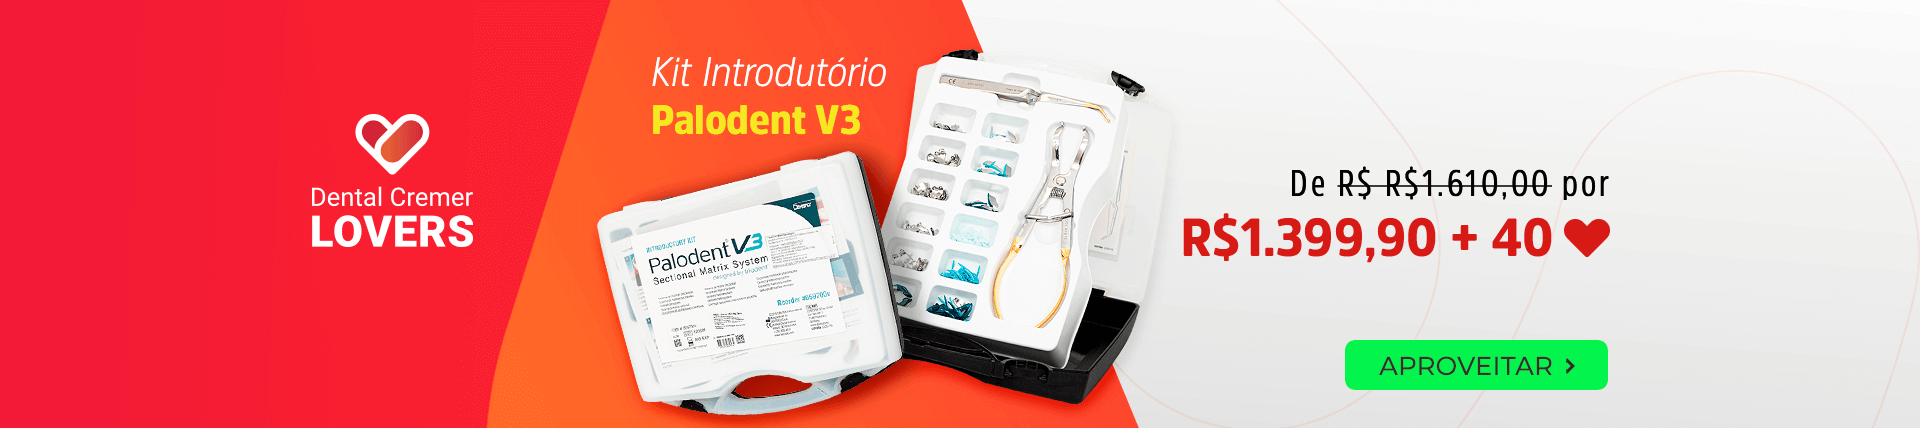 Kit Introdutório Palodent V3 com frete grátis   Dental Cremer